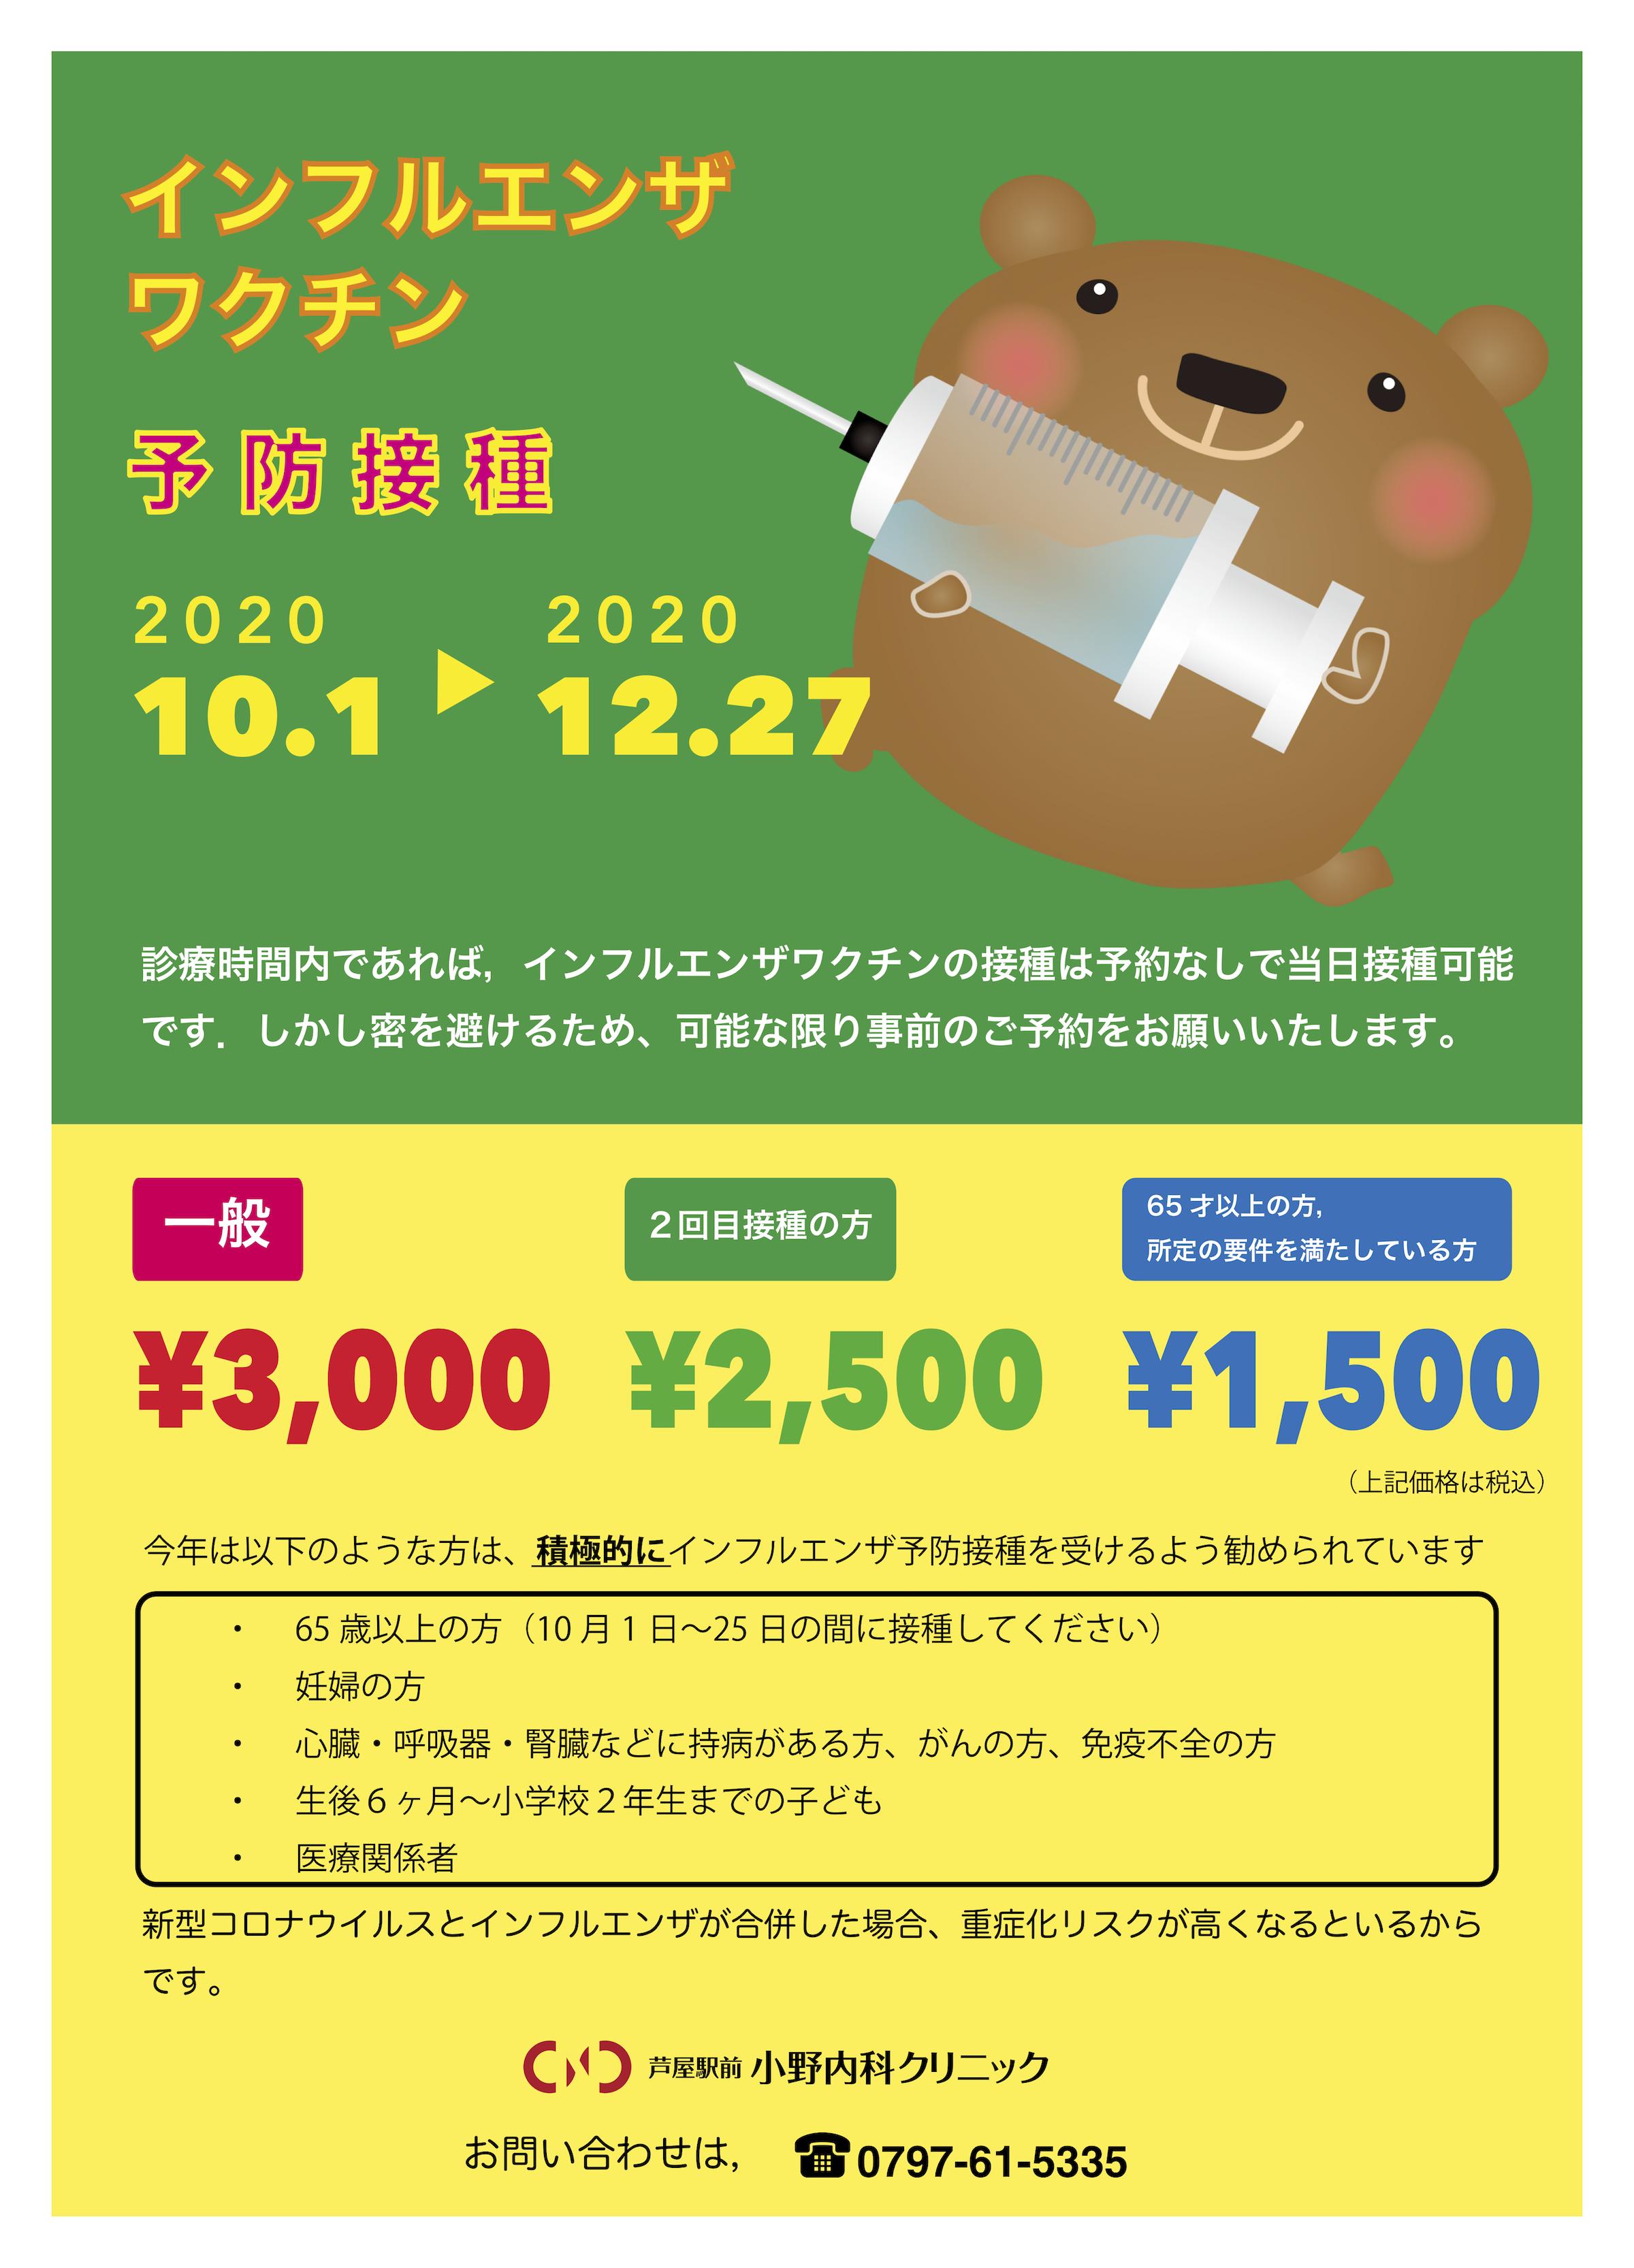 の ワクチン 今年 インフルエンザ